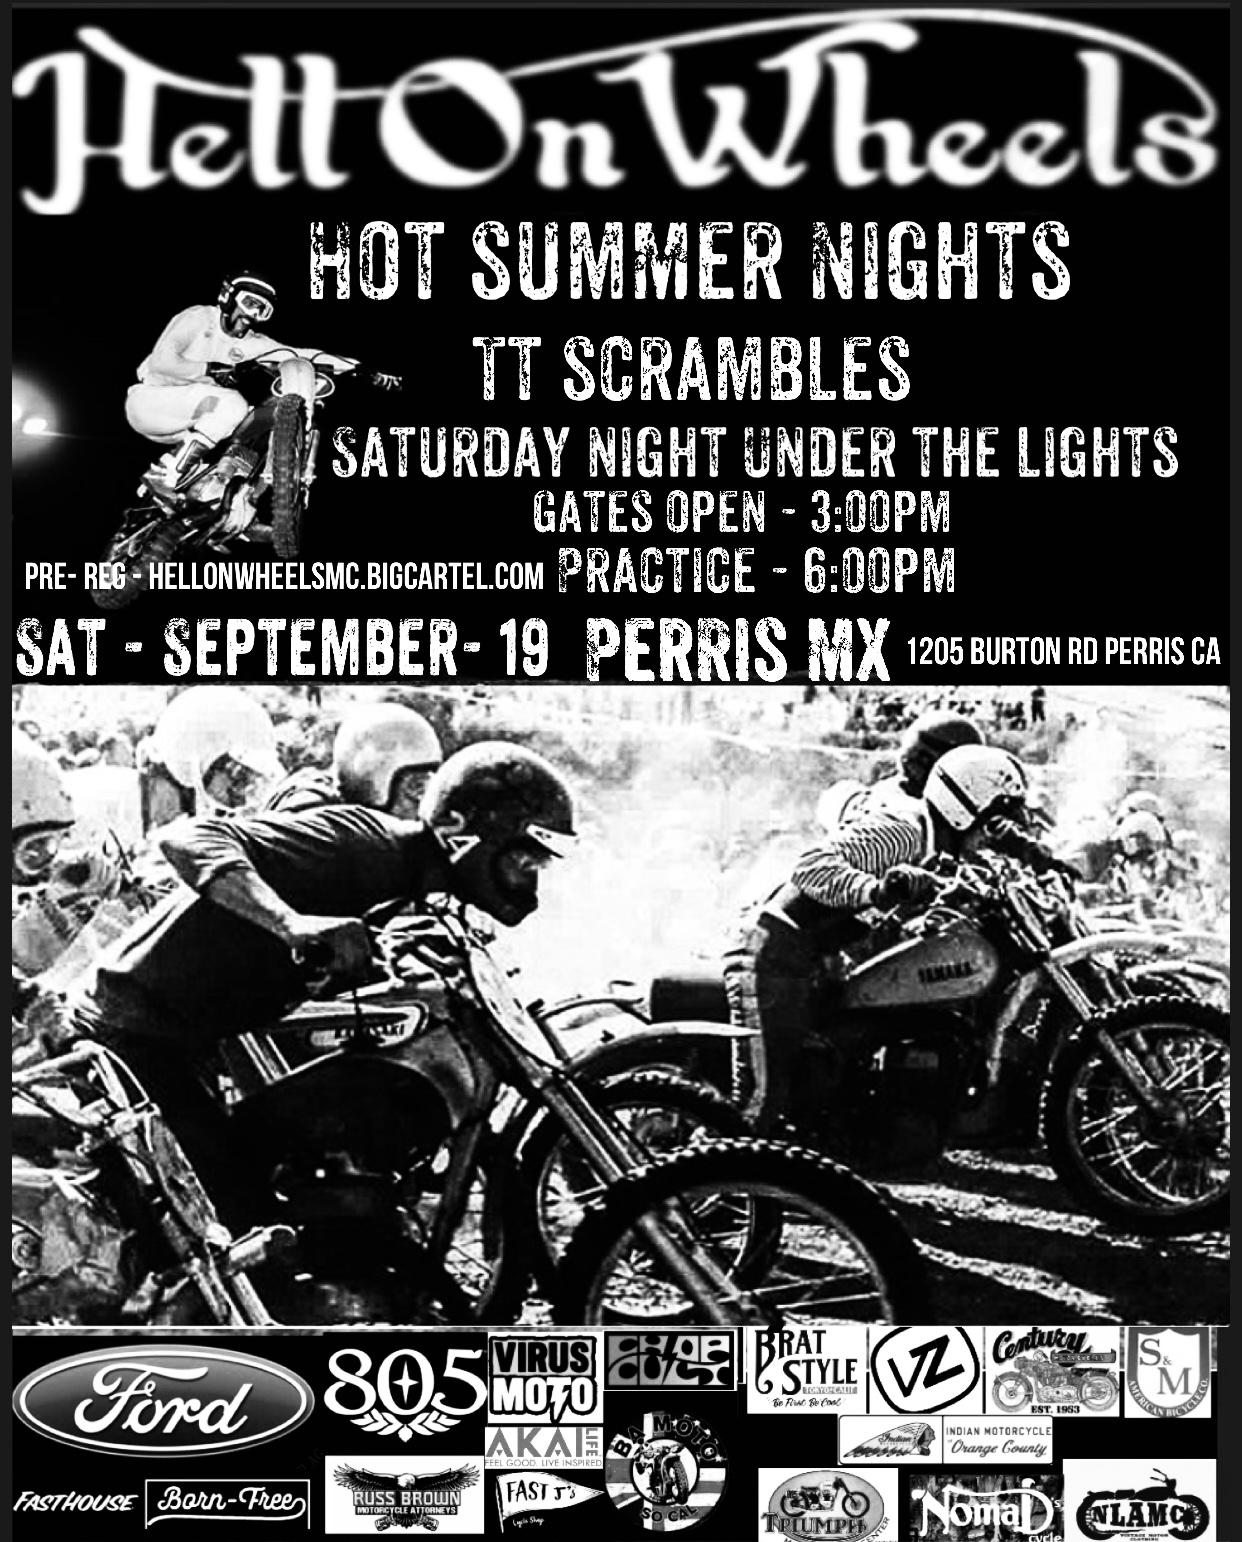 Hot Summer Nights TT Scrambles